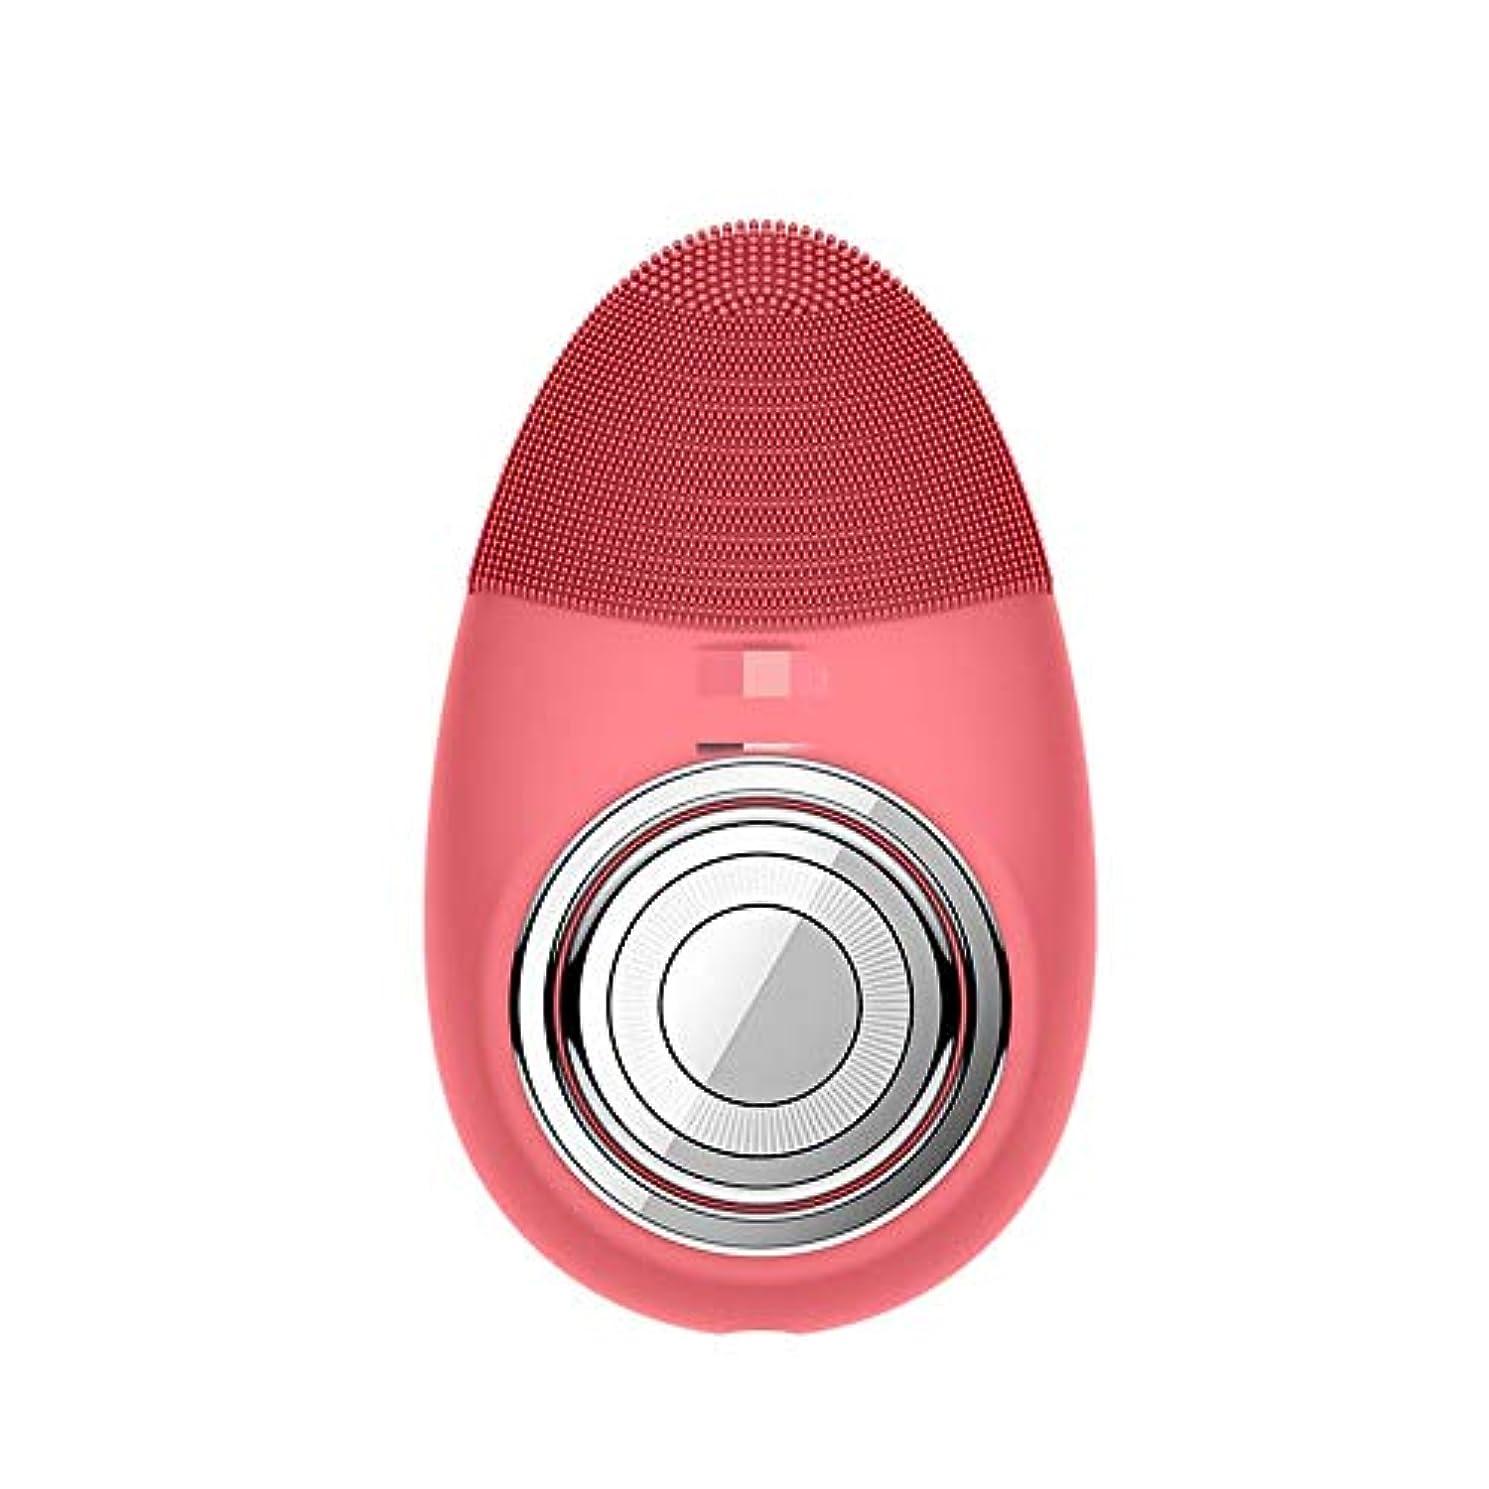 動物も綺麗なChaopeng 多機能電気恒温シリコーンクレンジング楽器赤灯肌清潔毛穴クリーナー輸入機器美容機器 (Color : Red)